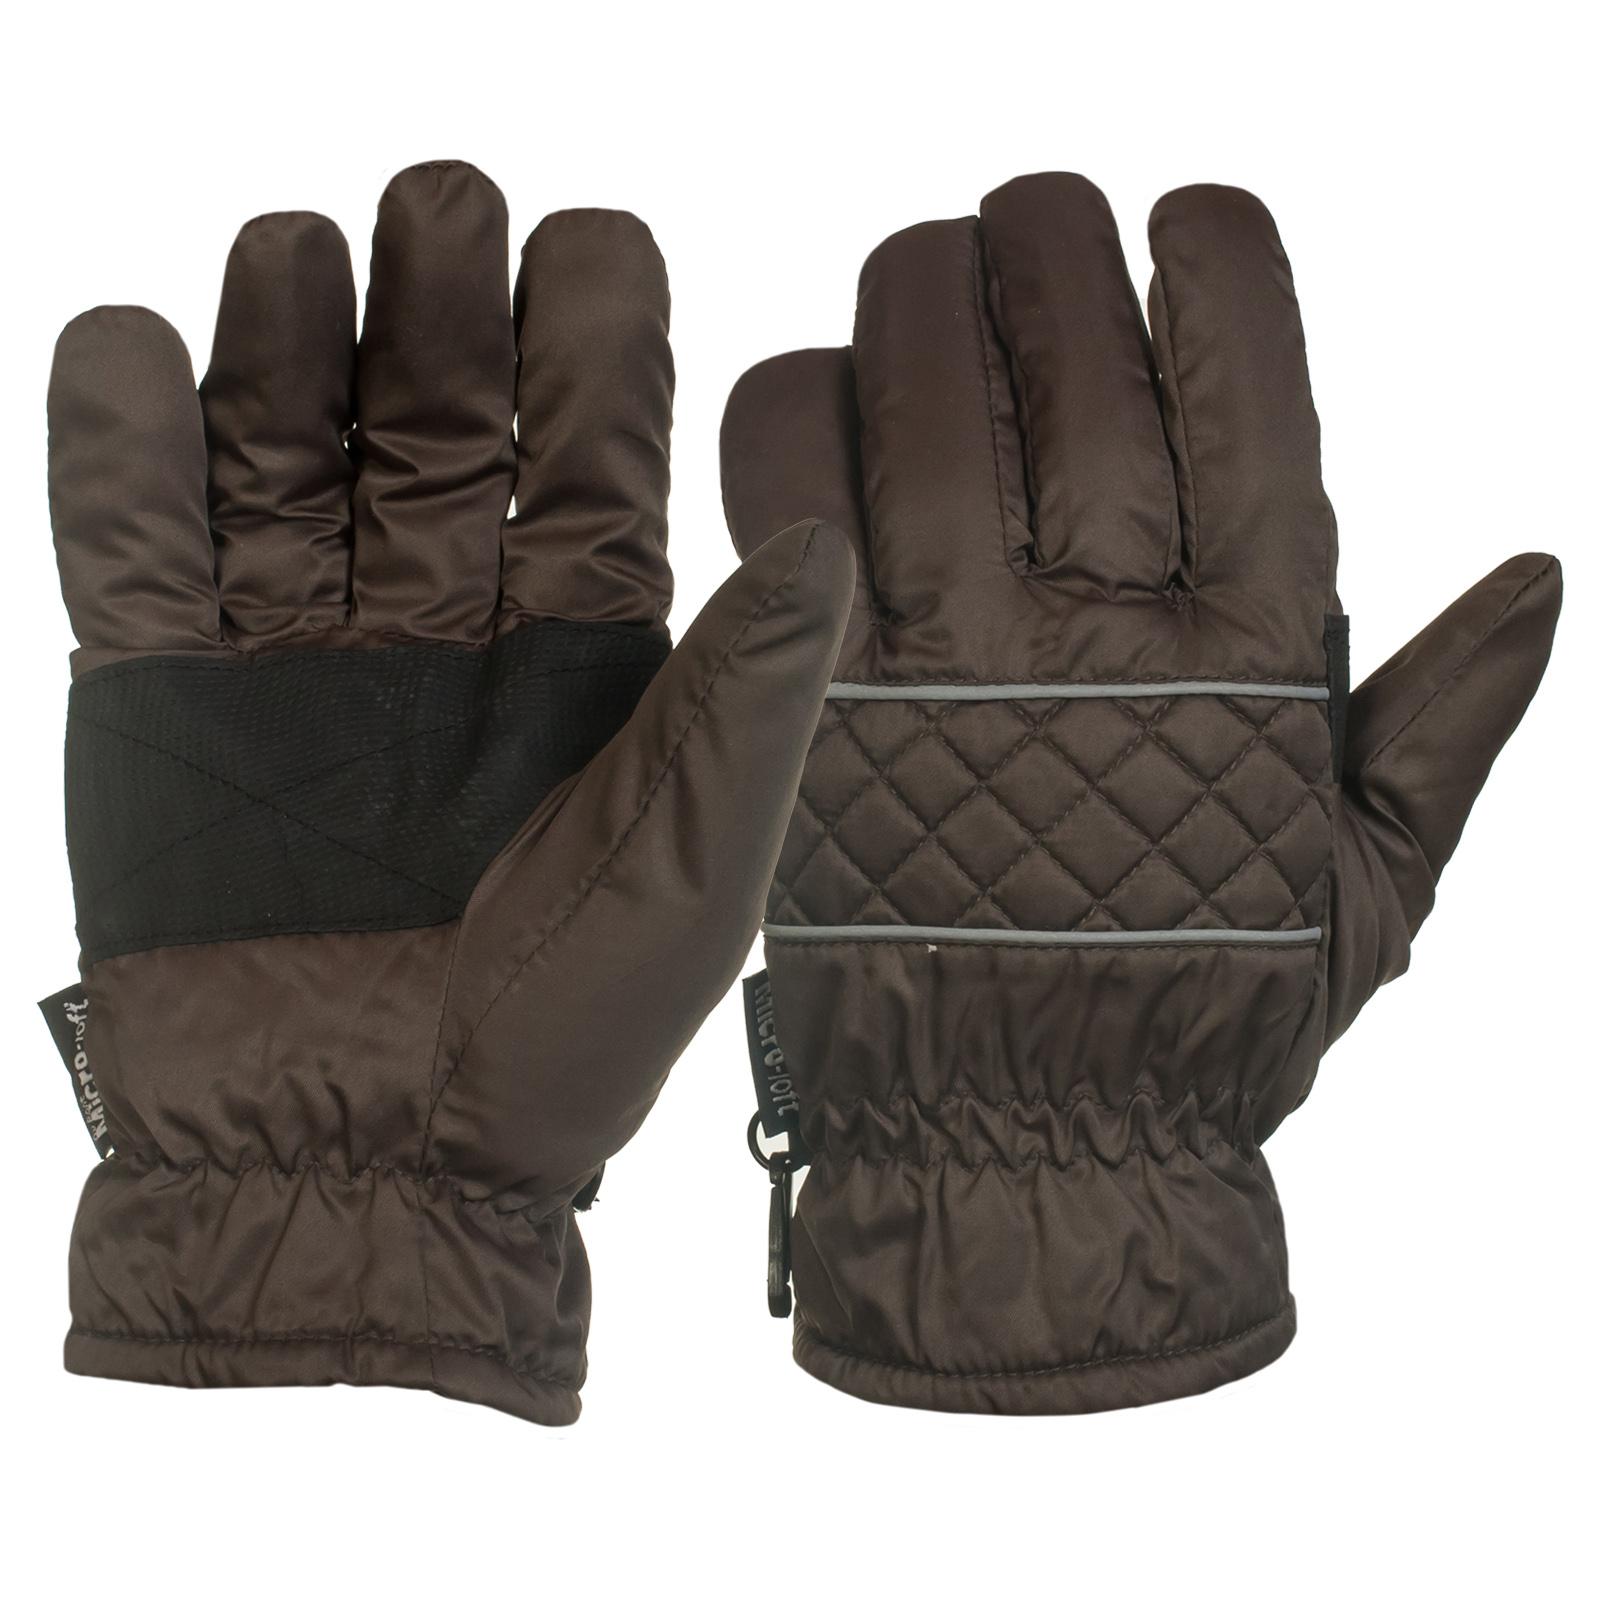 Коричневые перчатки с черными вставками на ладонях